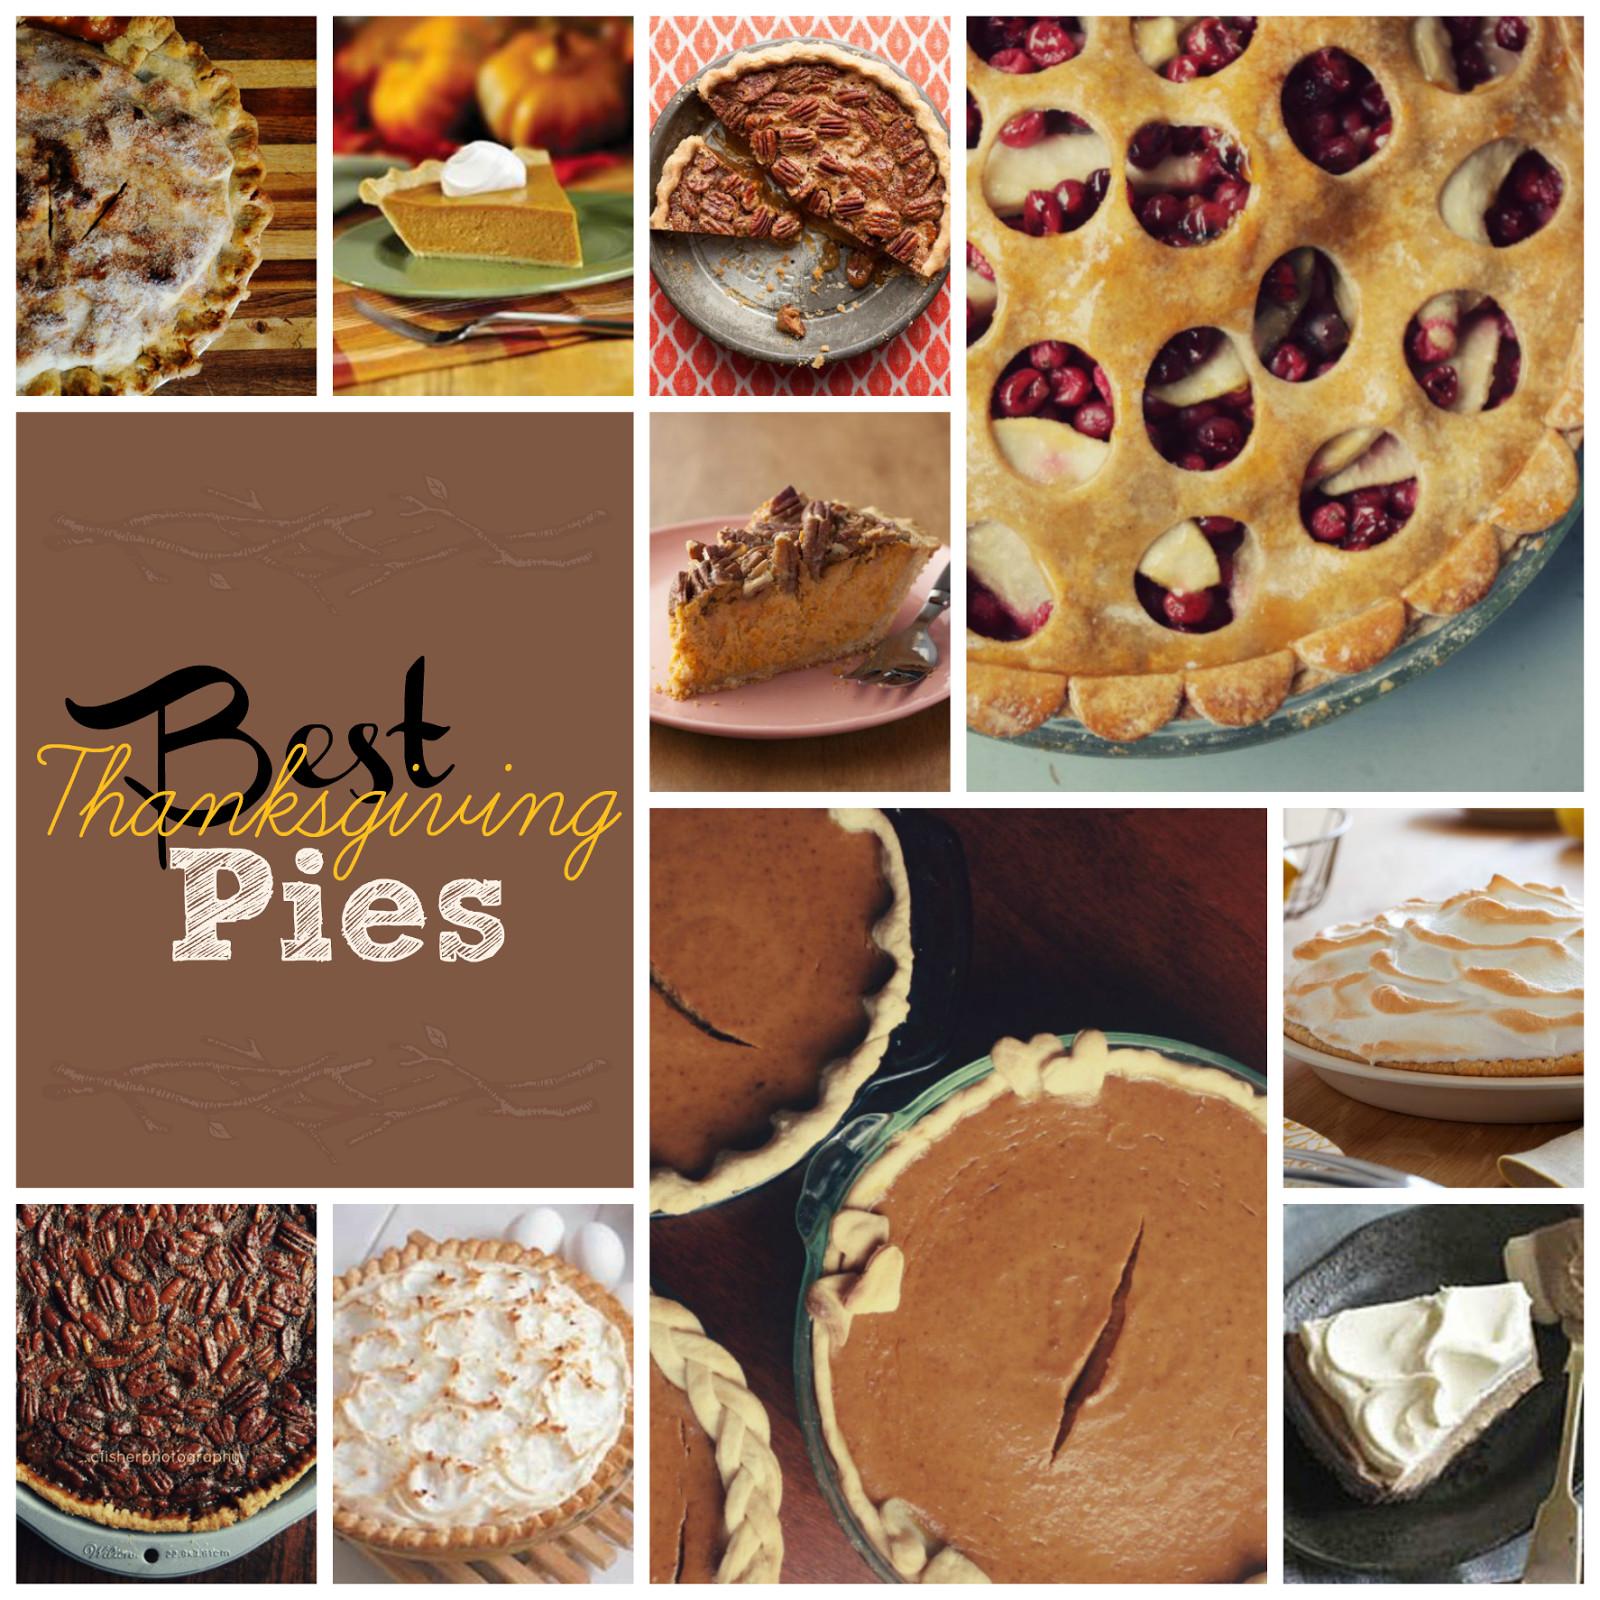 Best Thanksgiving Pies  Best Thanksgiving Pies This Girl s Life Blog